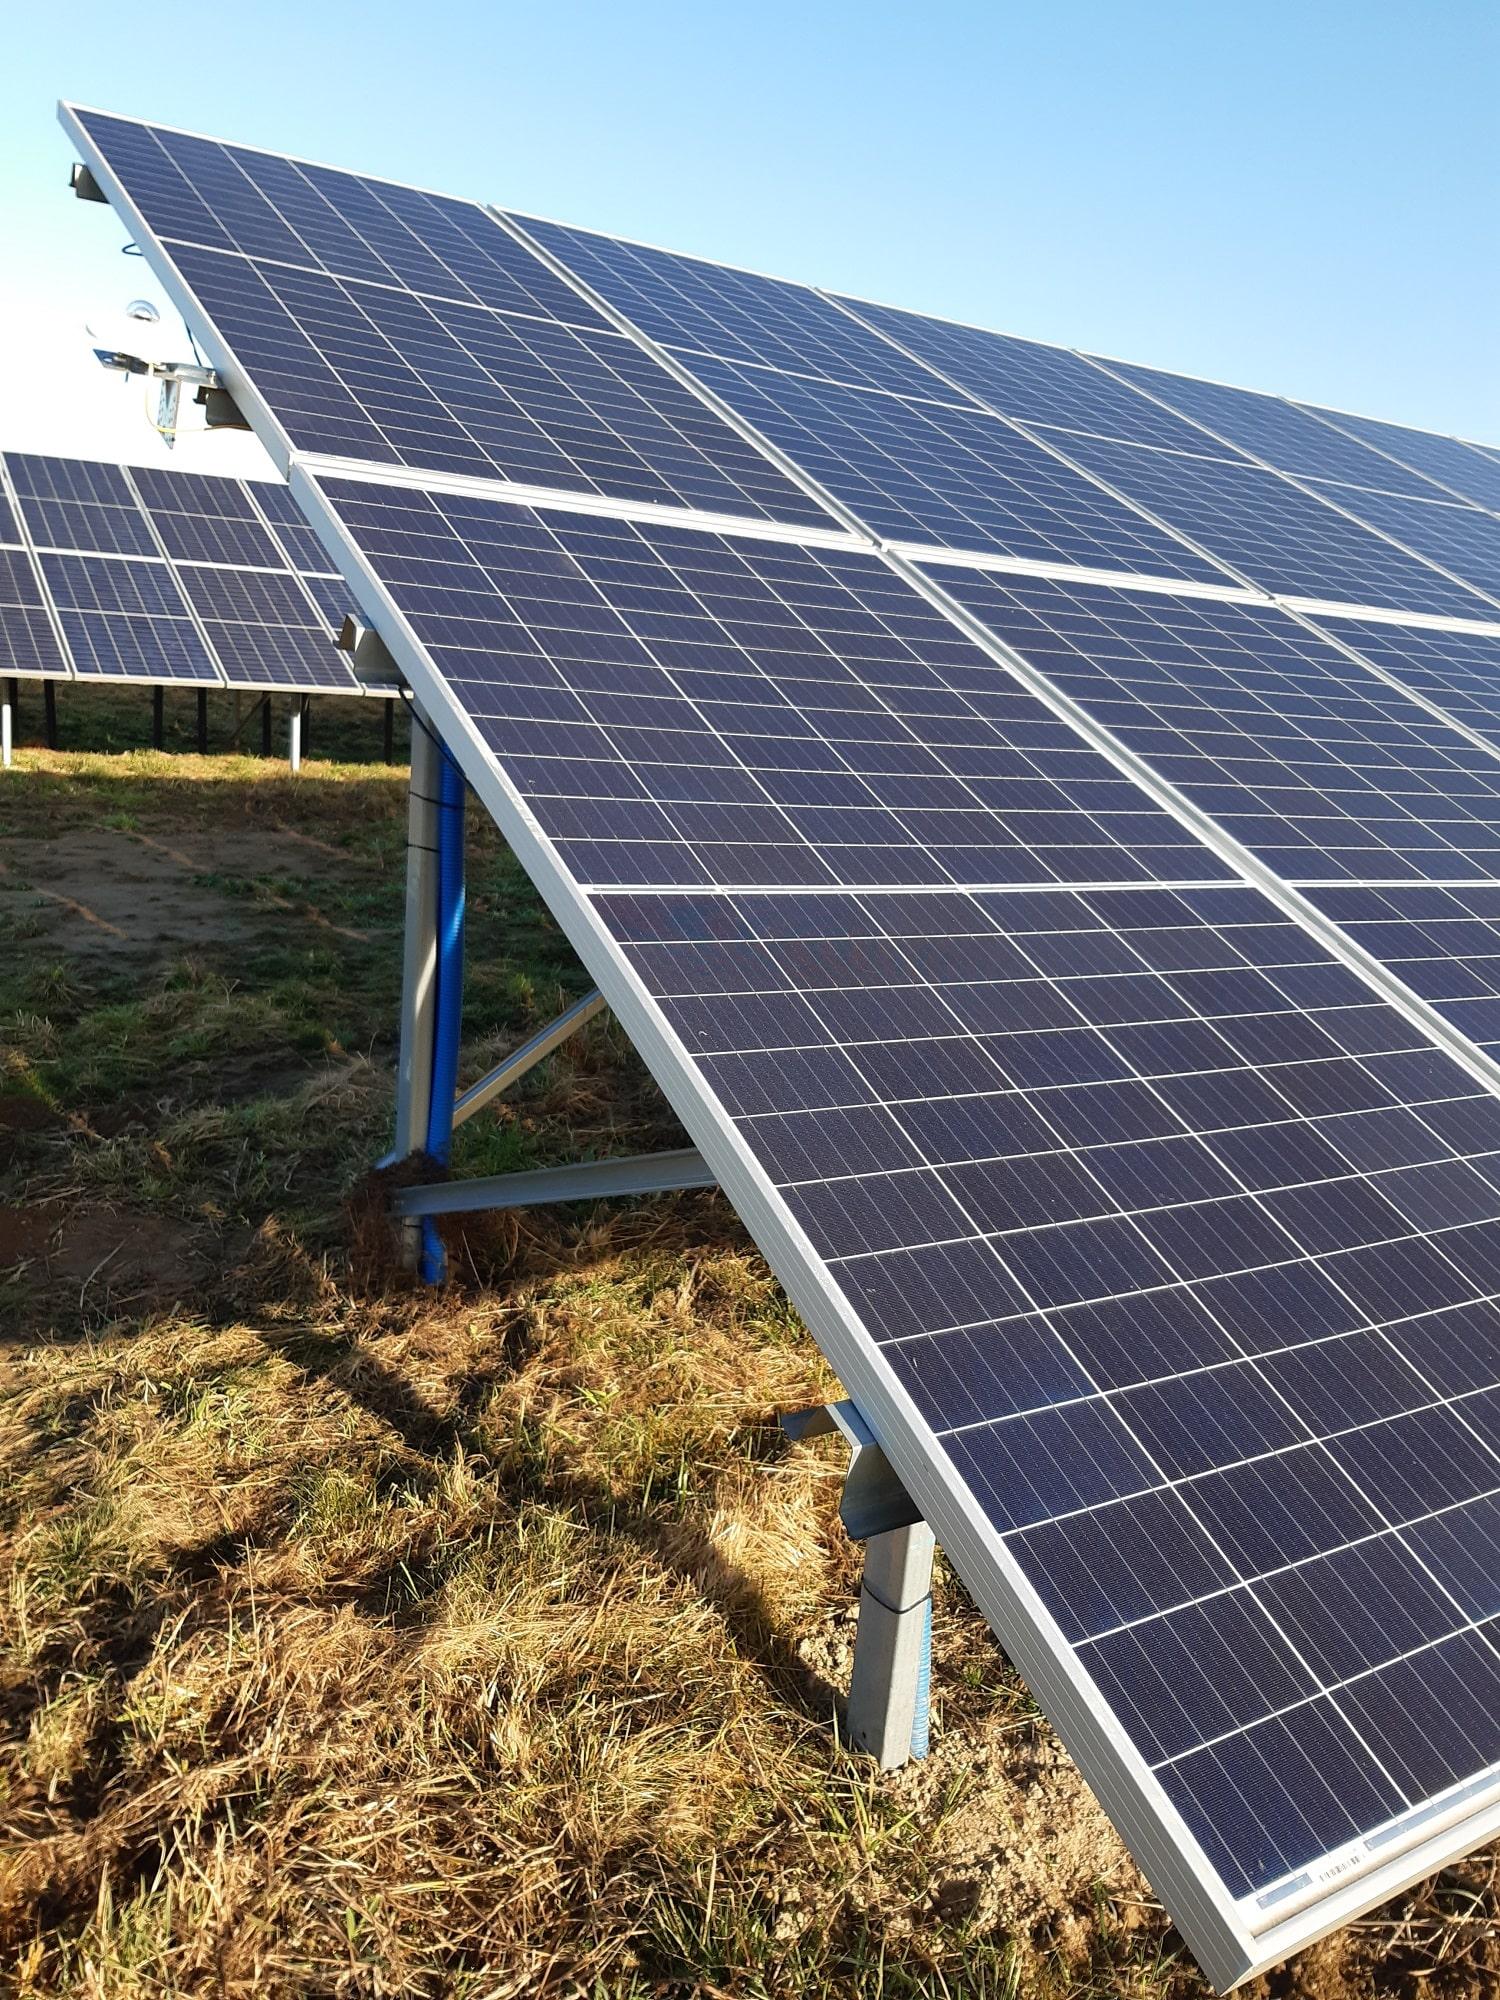 Dachnów Solar PV Plant 3